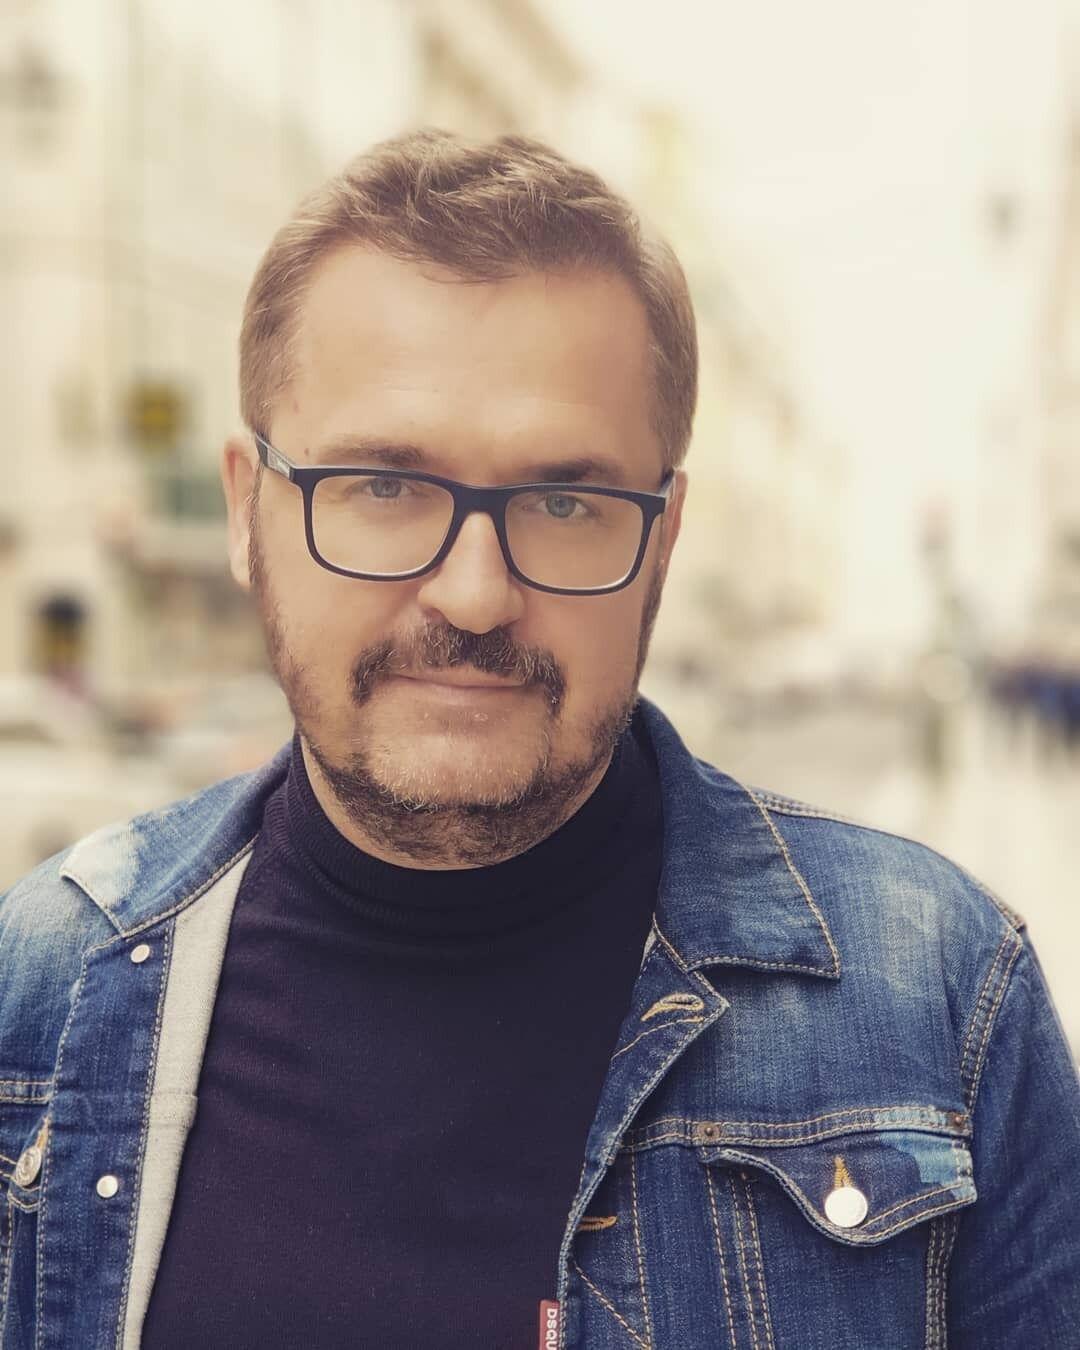 Александр Пономарев – украинский эстрадный певец